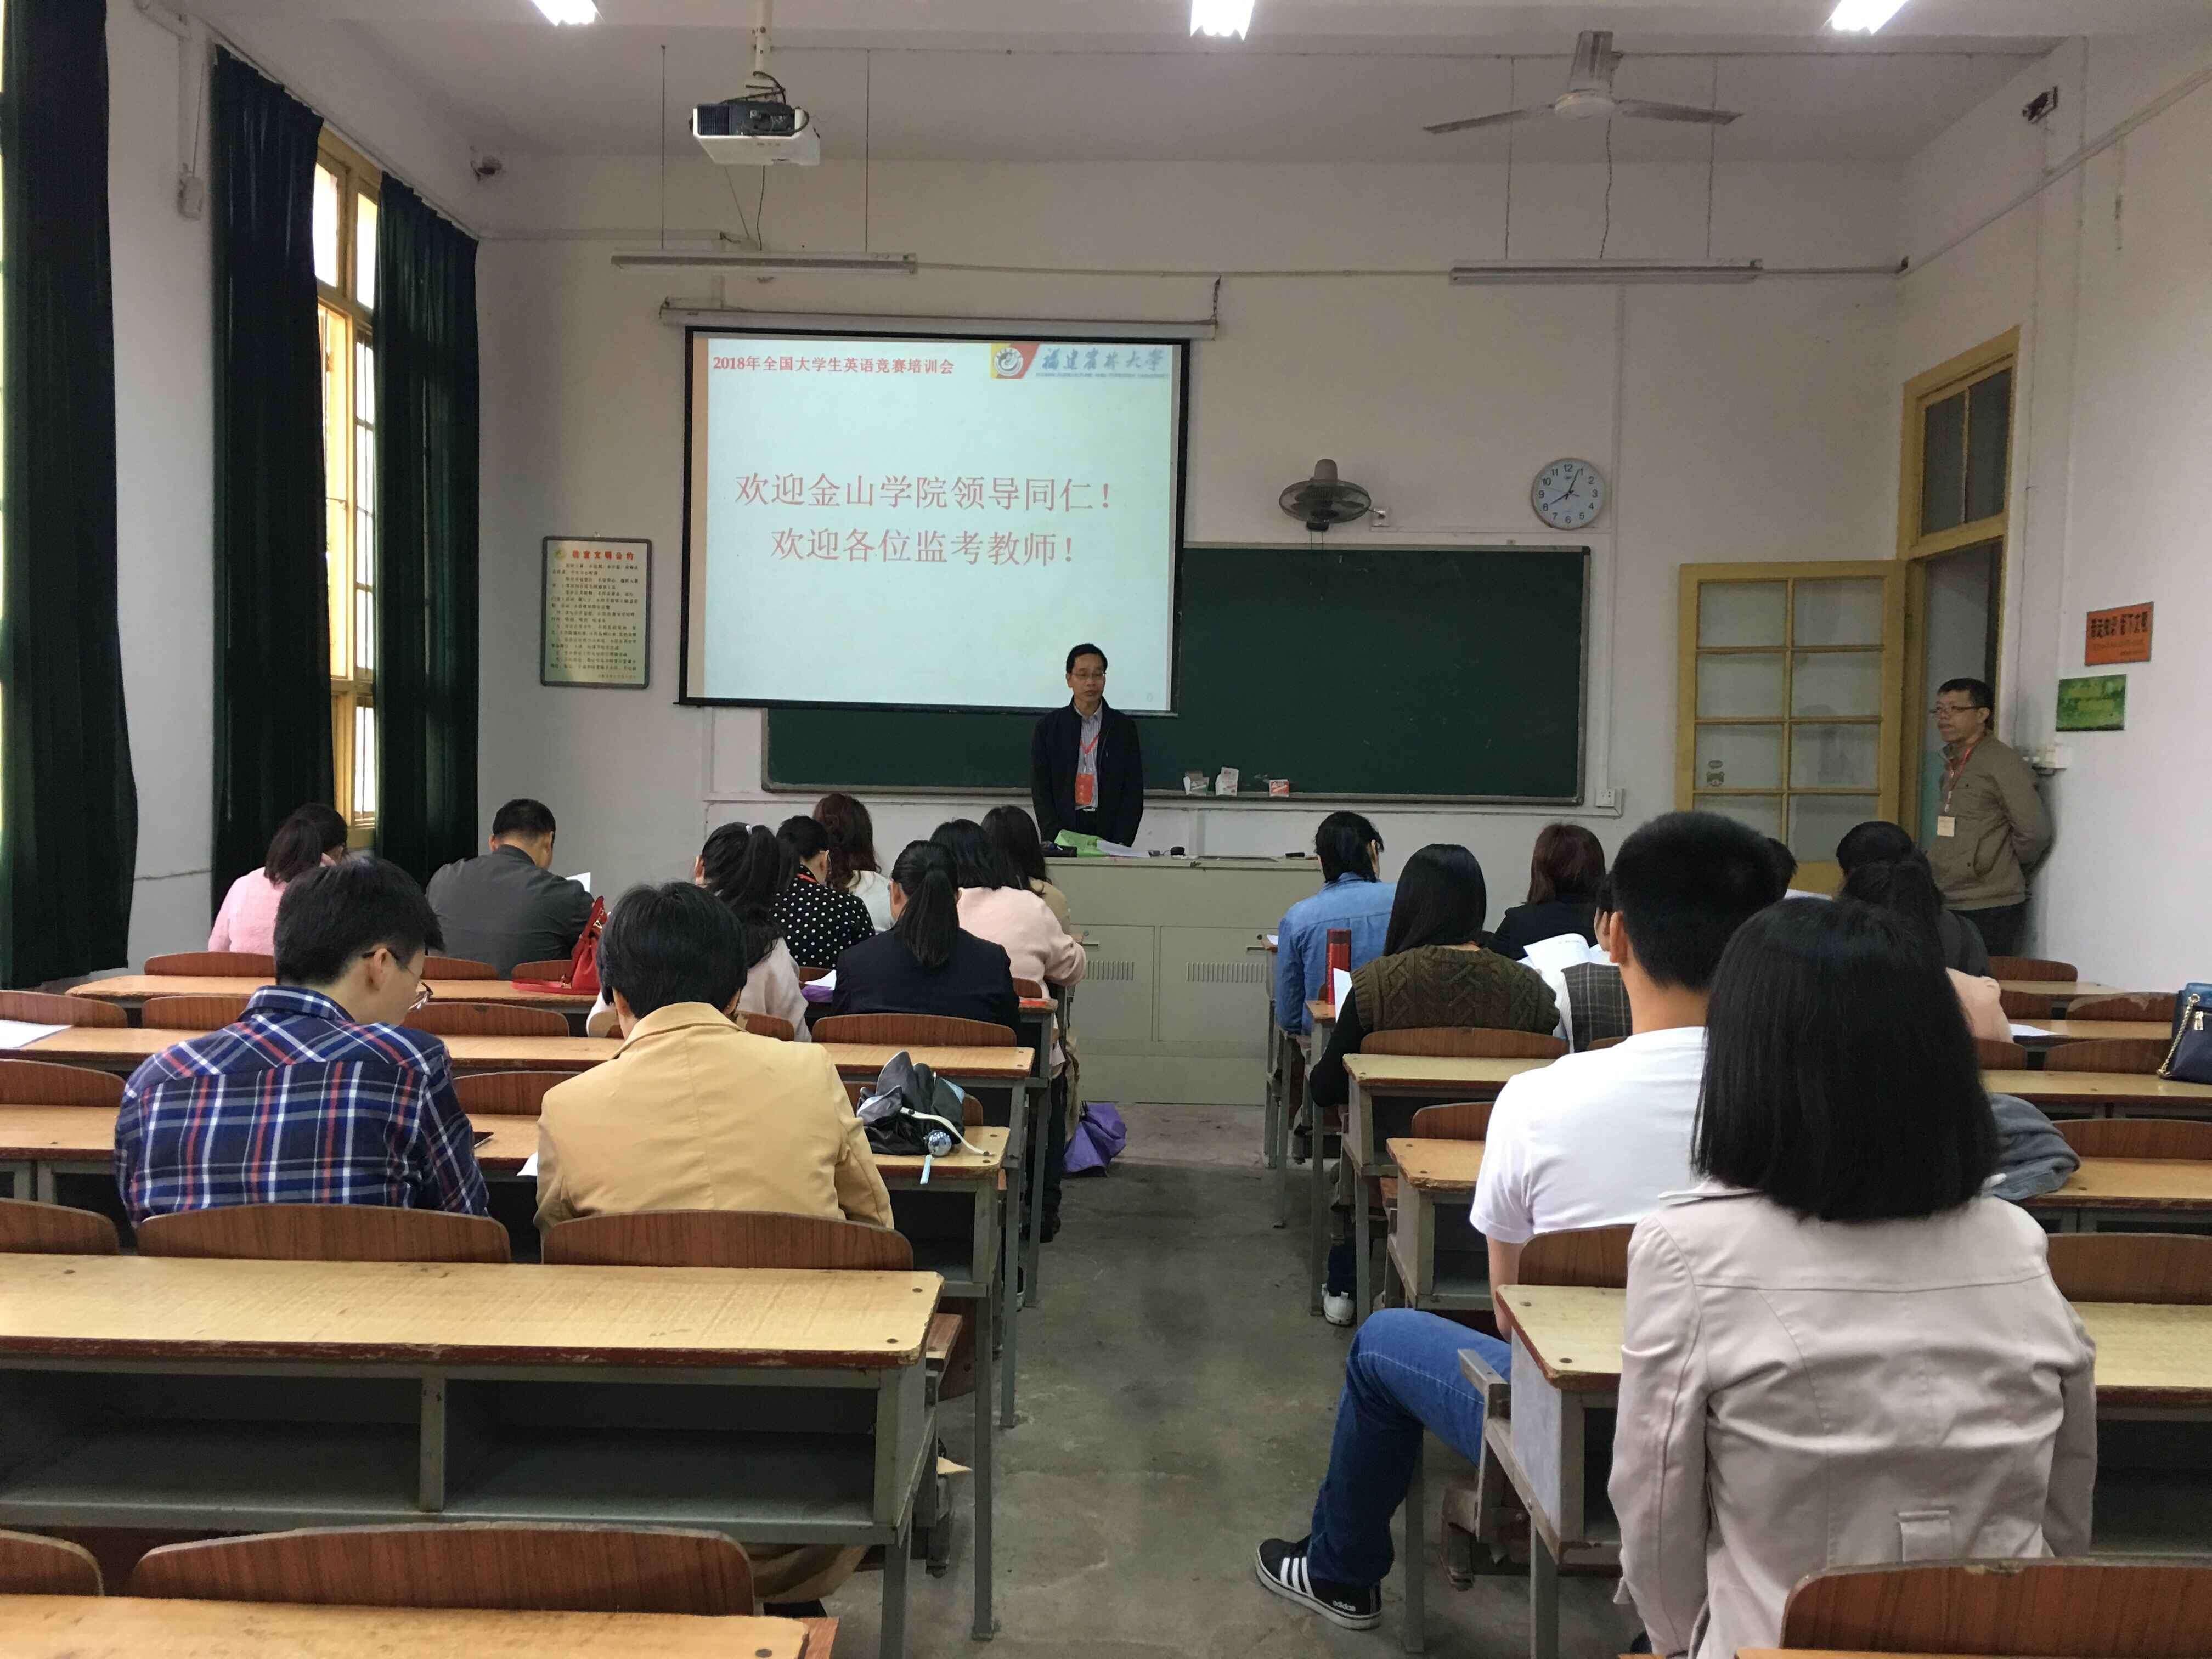 举行英语_南平校区顺利举行全国大学生英语竞赛初赛